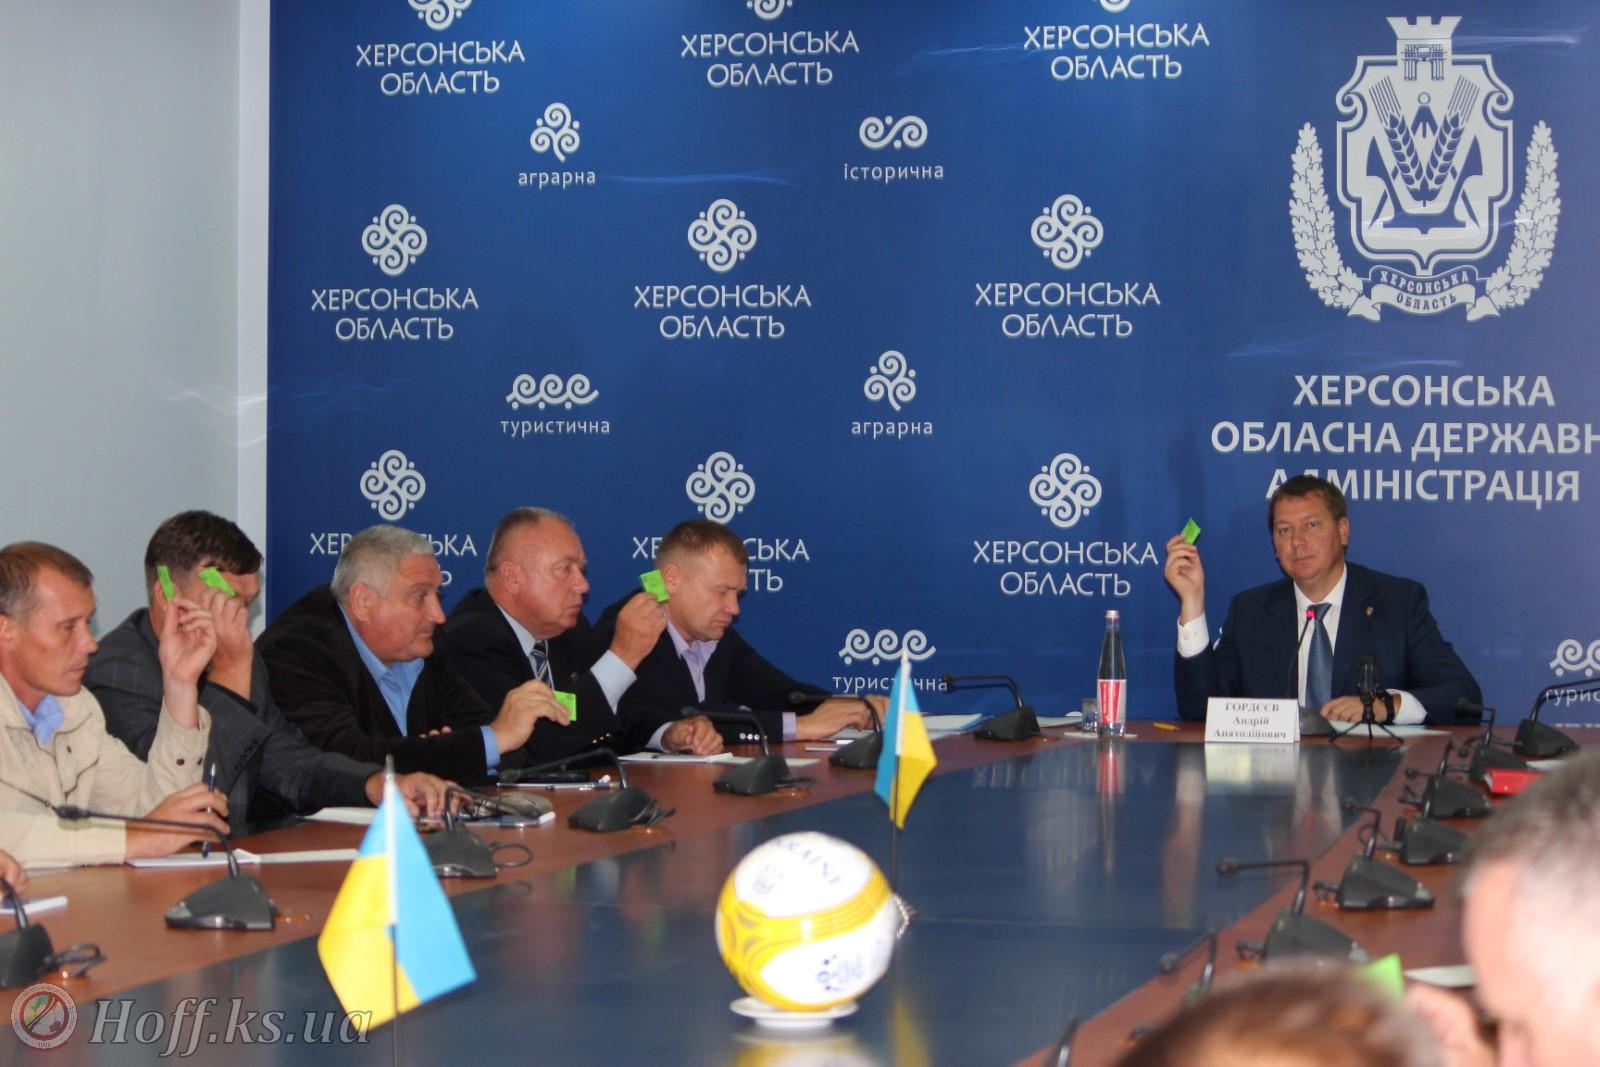 3 жовтня відбулась позачергова Конференція Херсонської обласної федерації футболу